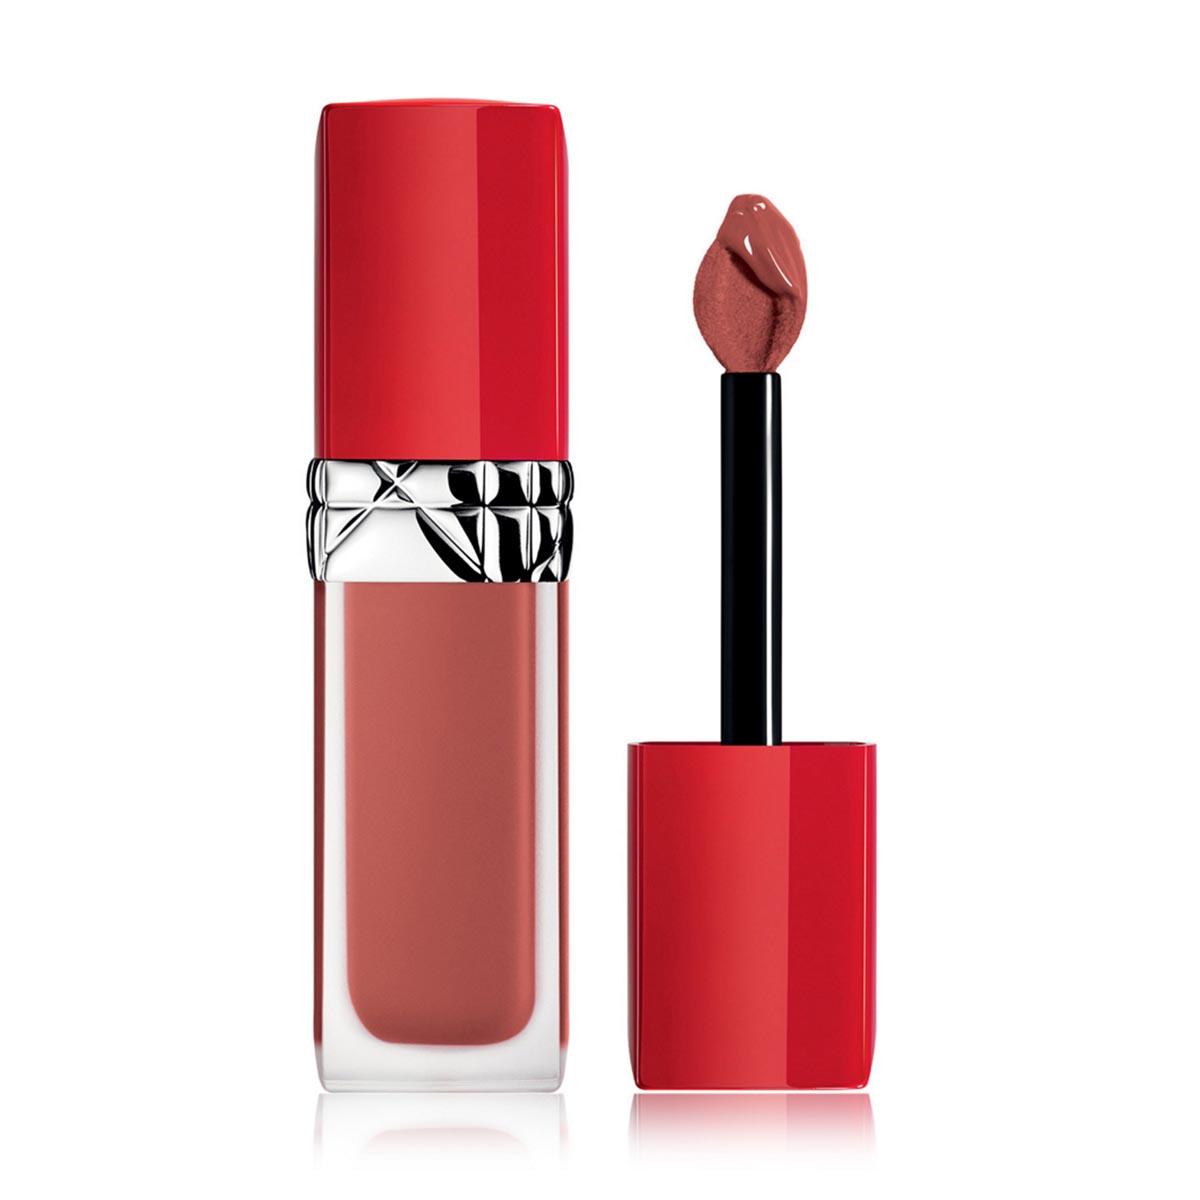 Dior rouge dior ultra care liquid lipstick 808 caresse